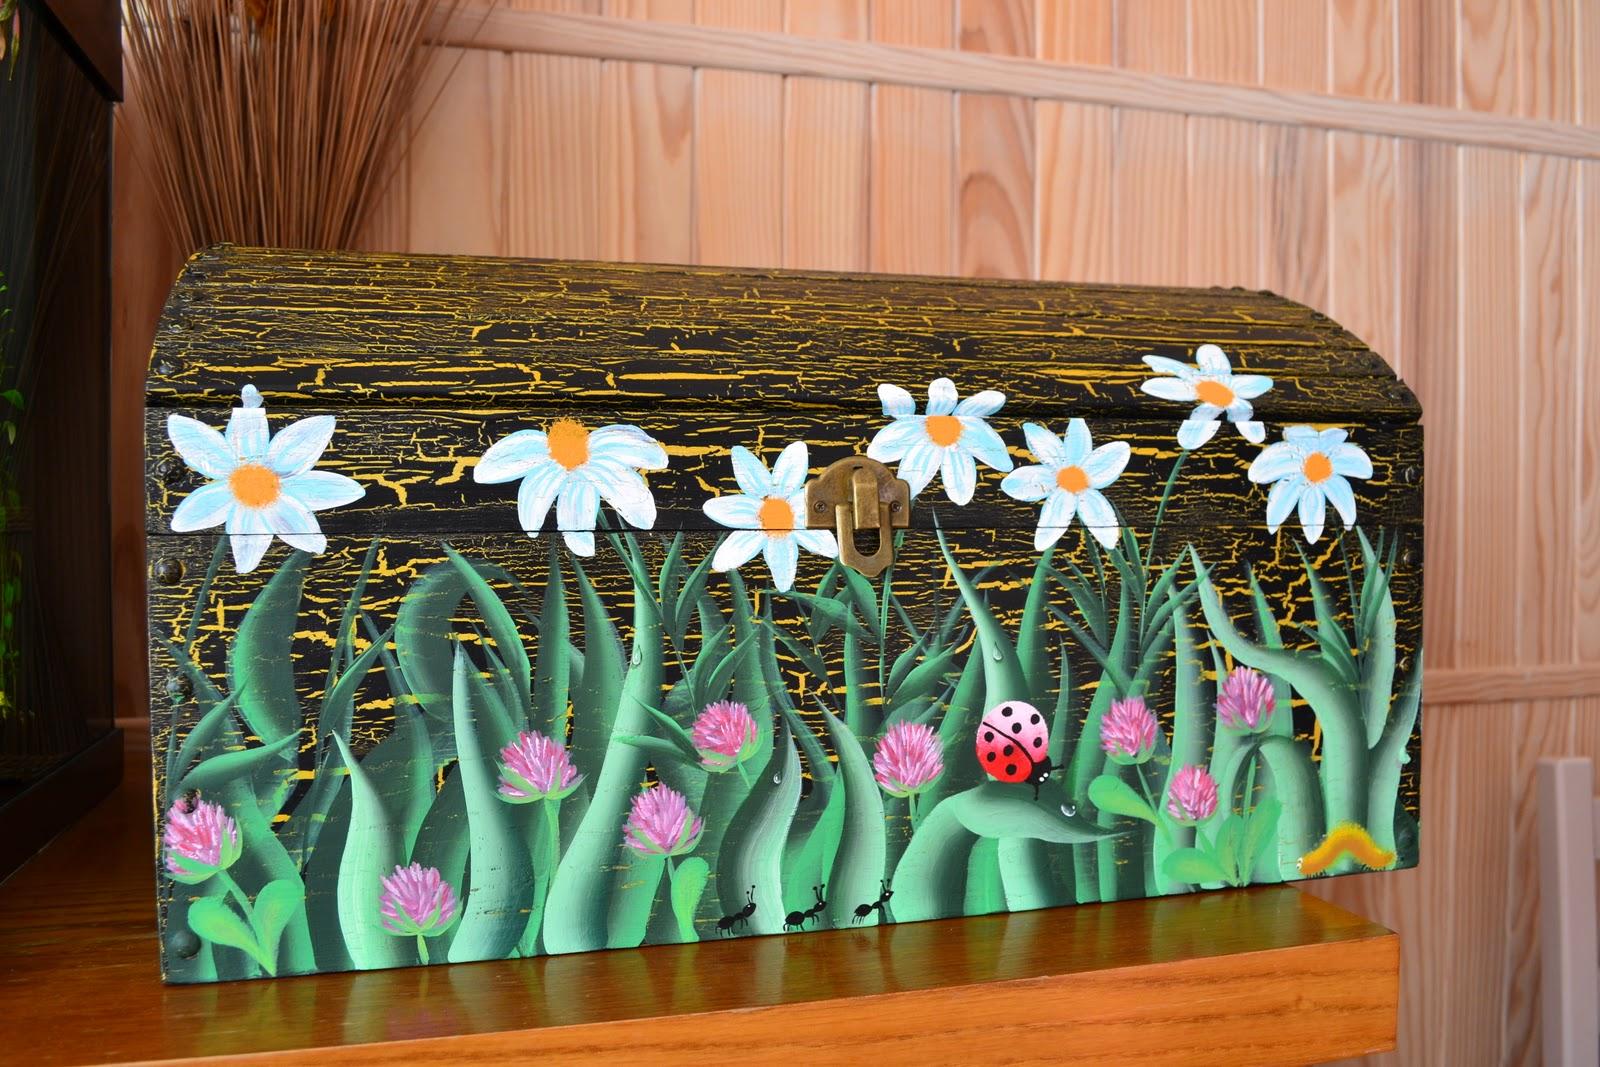 Peinture decorative sur bois mars 2011 - Peinture decorative meuble bois ...